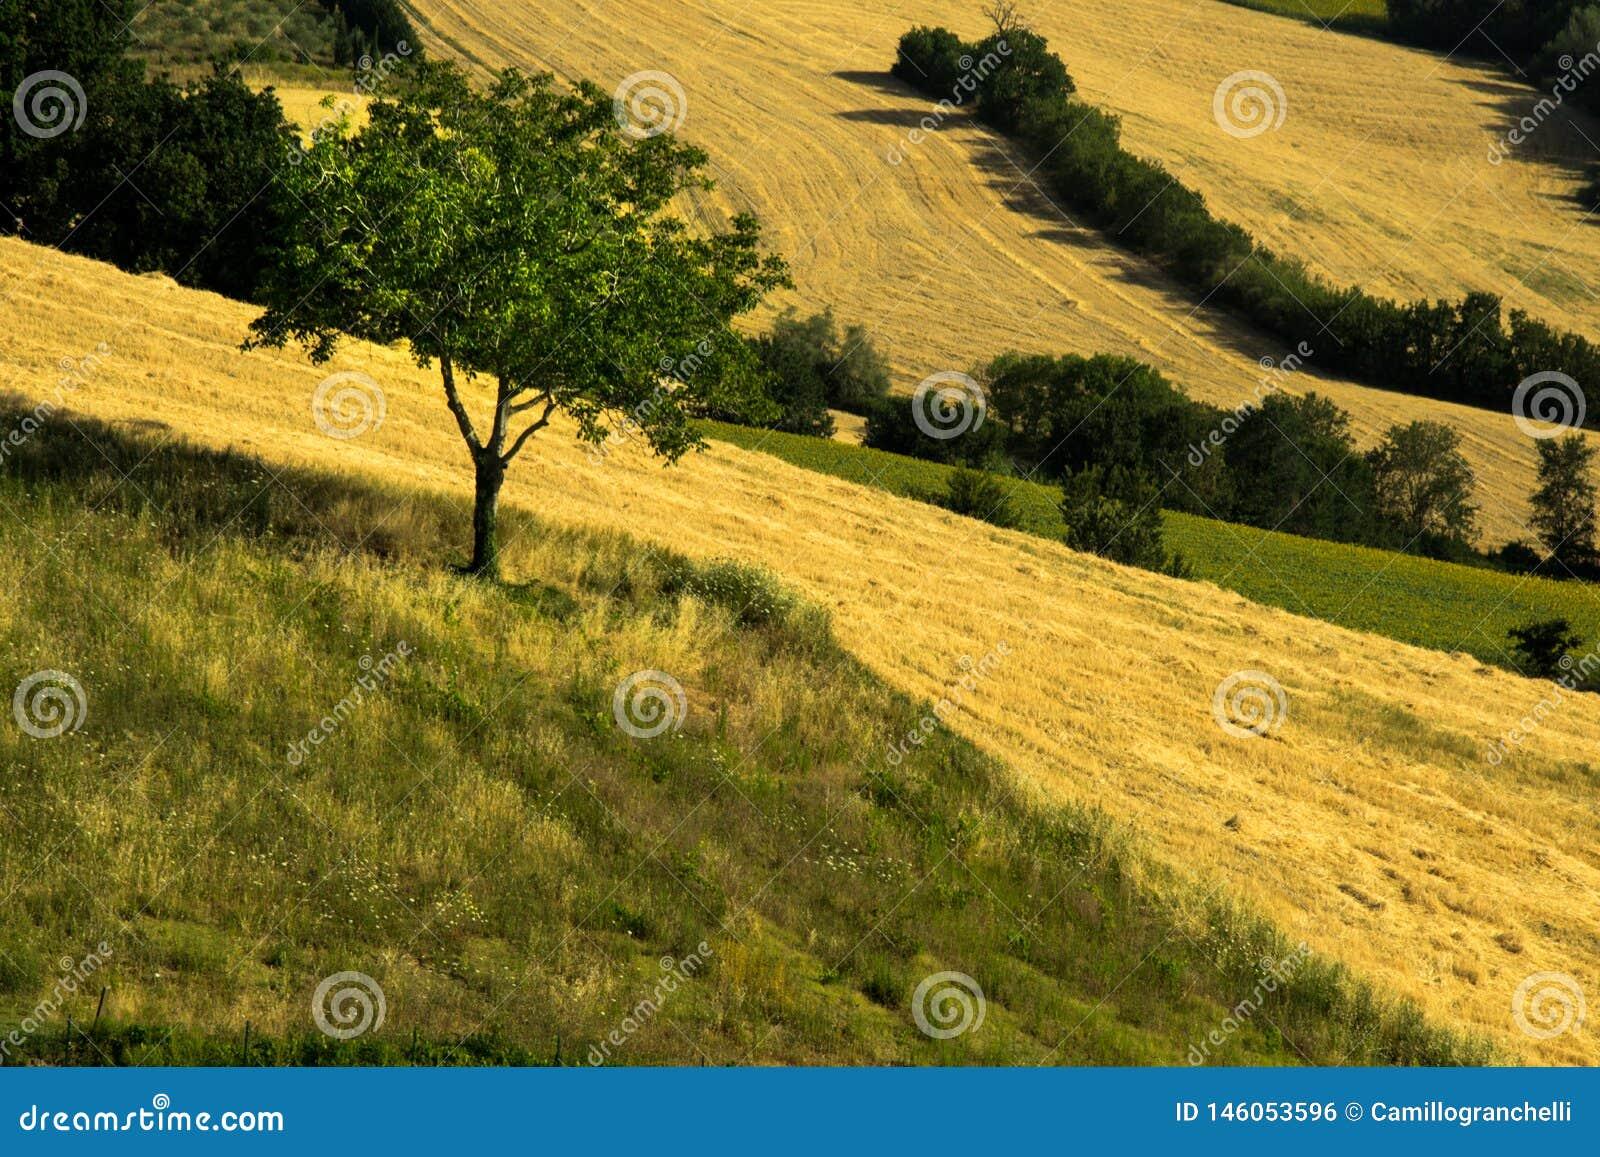 Γεωργικοί τομείς που καλλιεργούνται και που οργώνονται με τις περιοχές πράσινος και κίτρινος